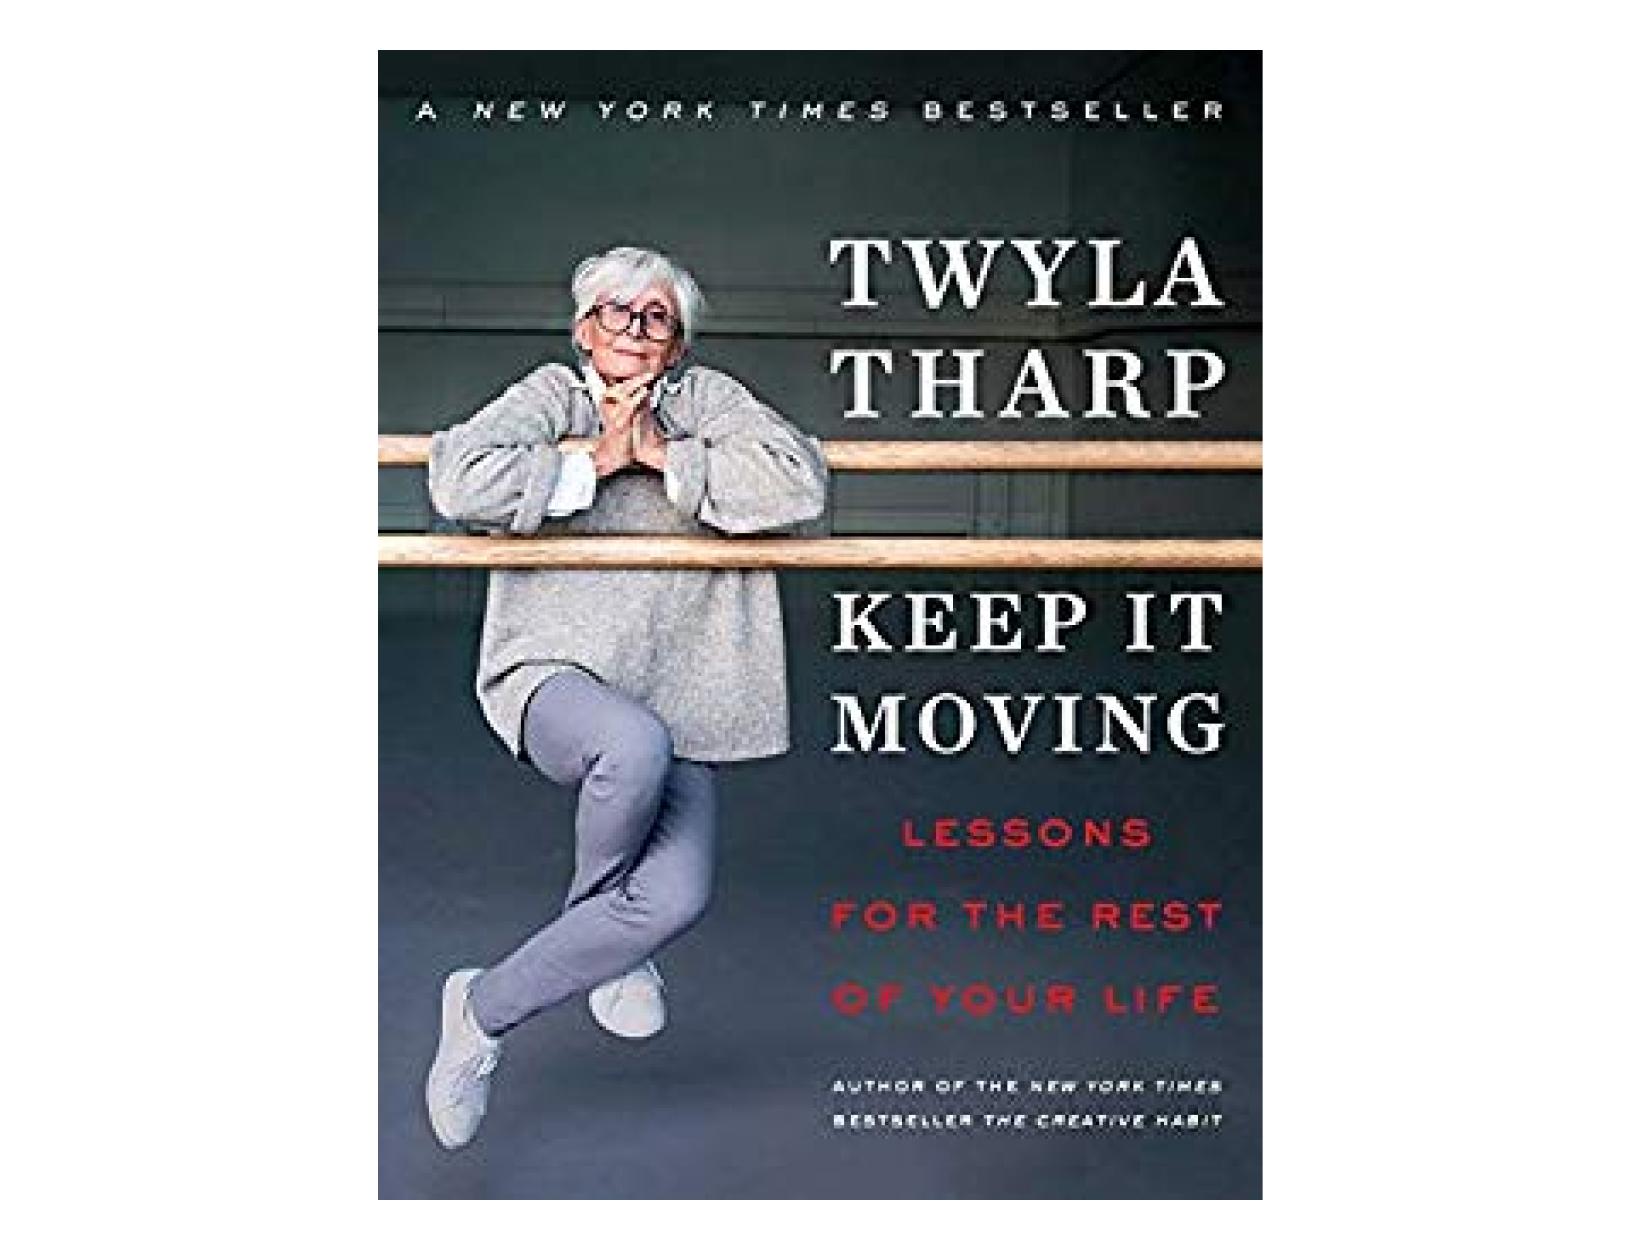 <em>autor Twyla Tharp